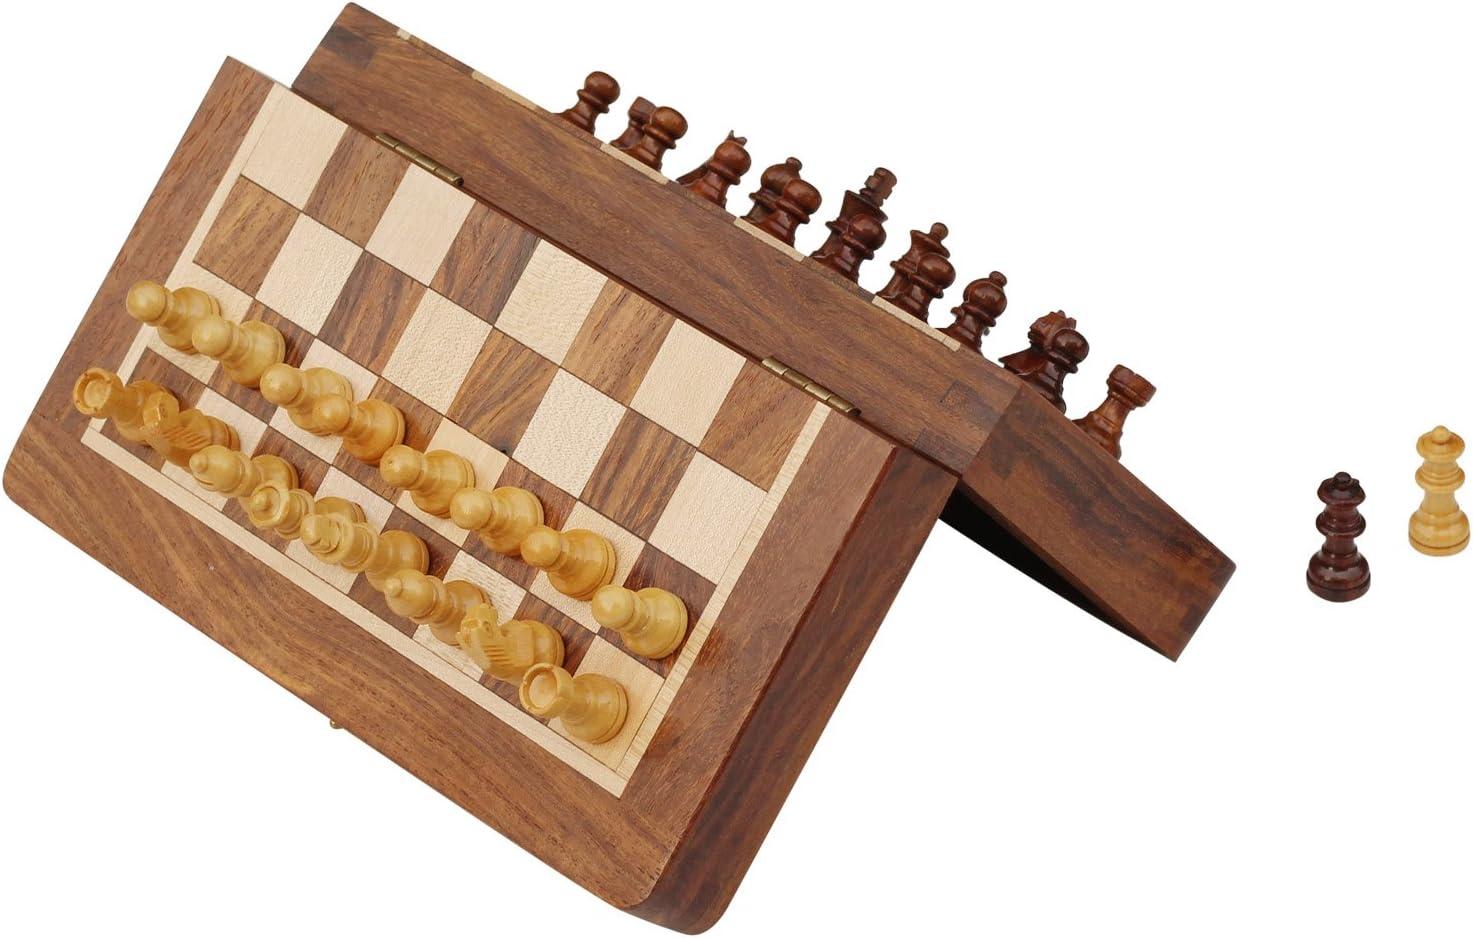 Schach Ultimatives 25 cm x 25 cm Klassisches Holz Reise Schachspiel mit Magnet Staunton Figuren und klappbares Spielbrett Handgefertigt von Handwerkern in feines Rosenholz mit einem Walnuss-Finish